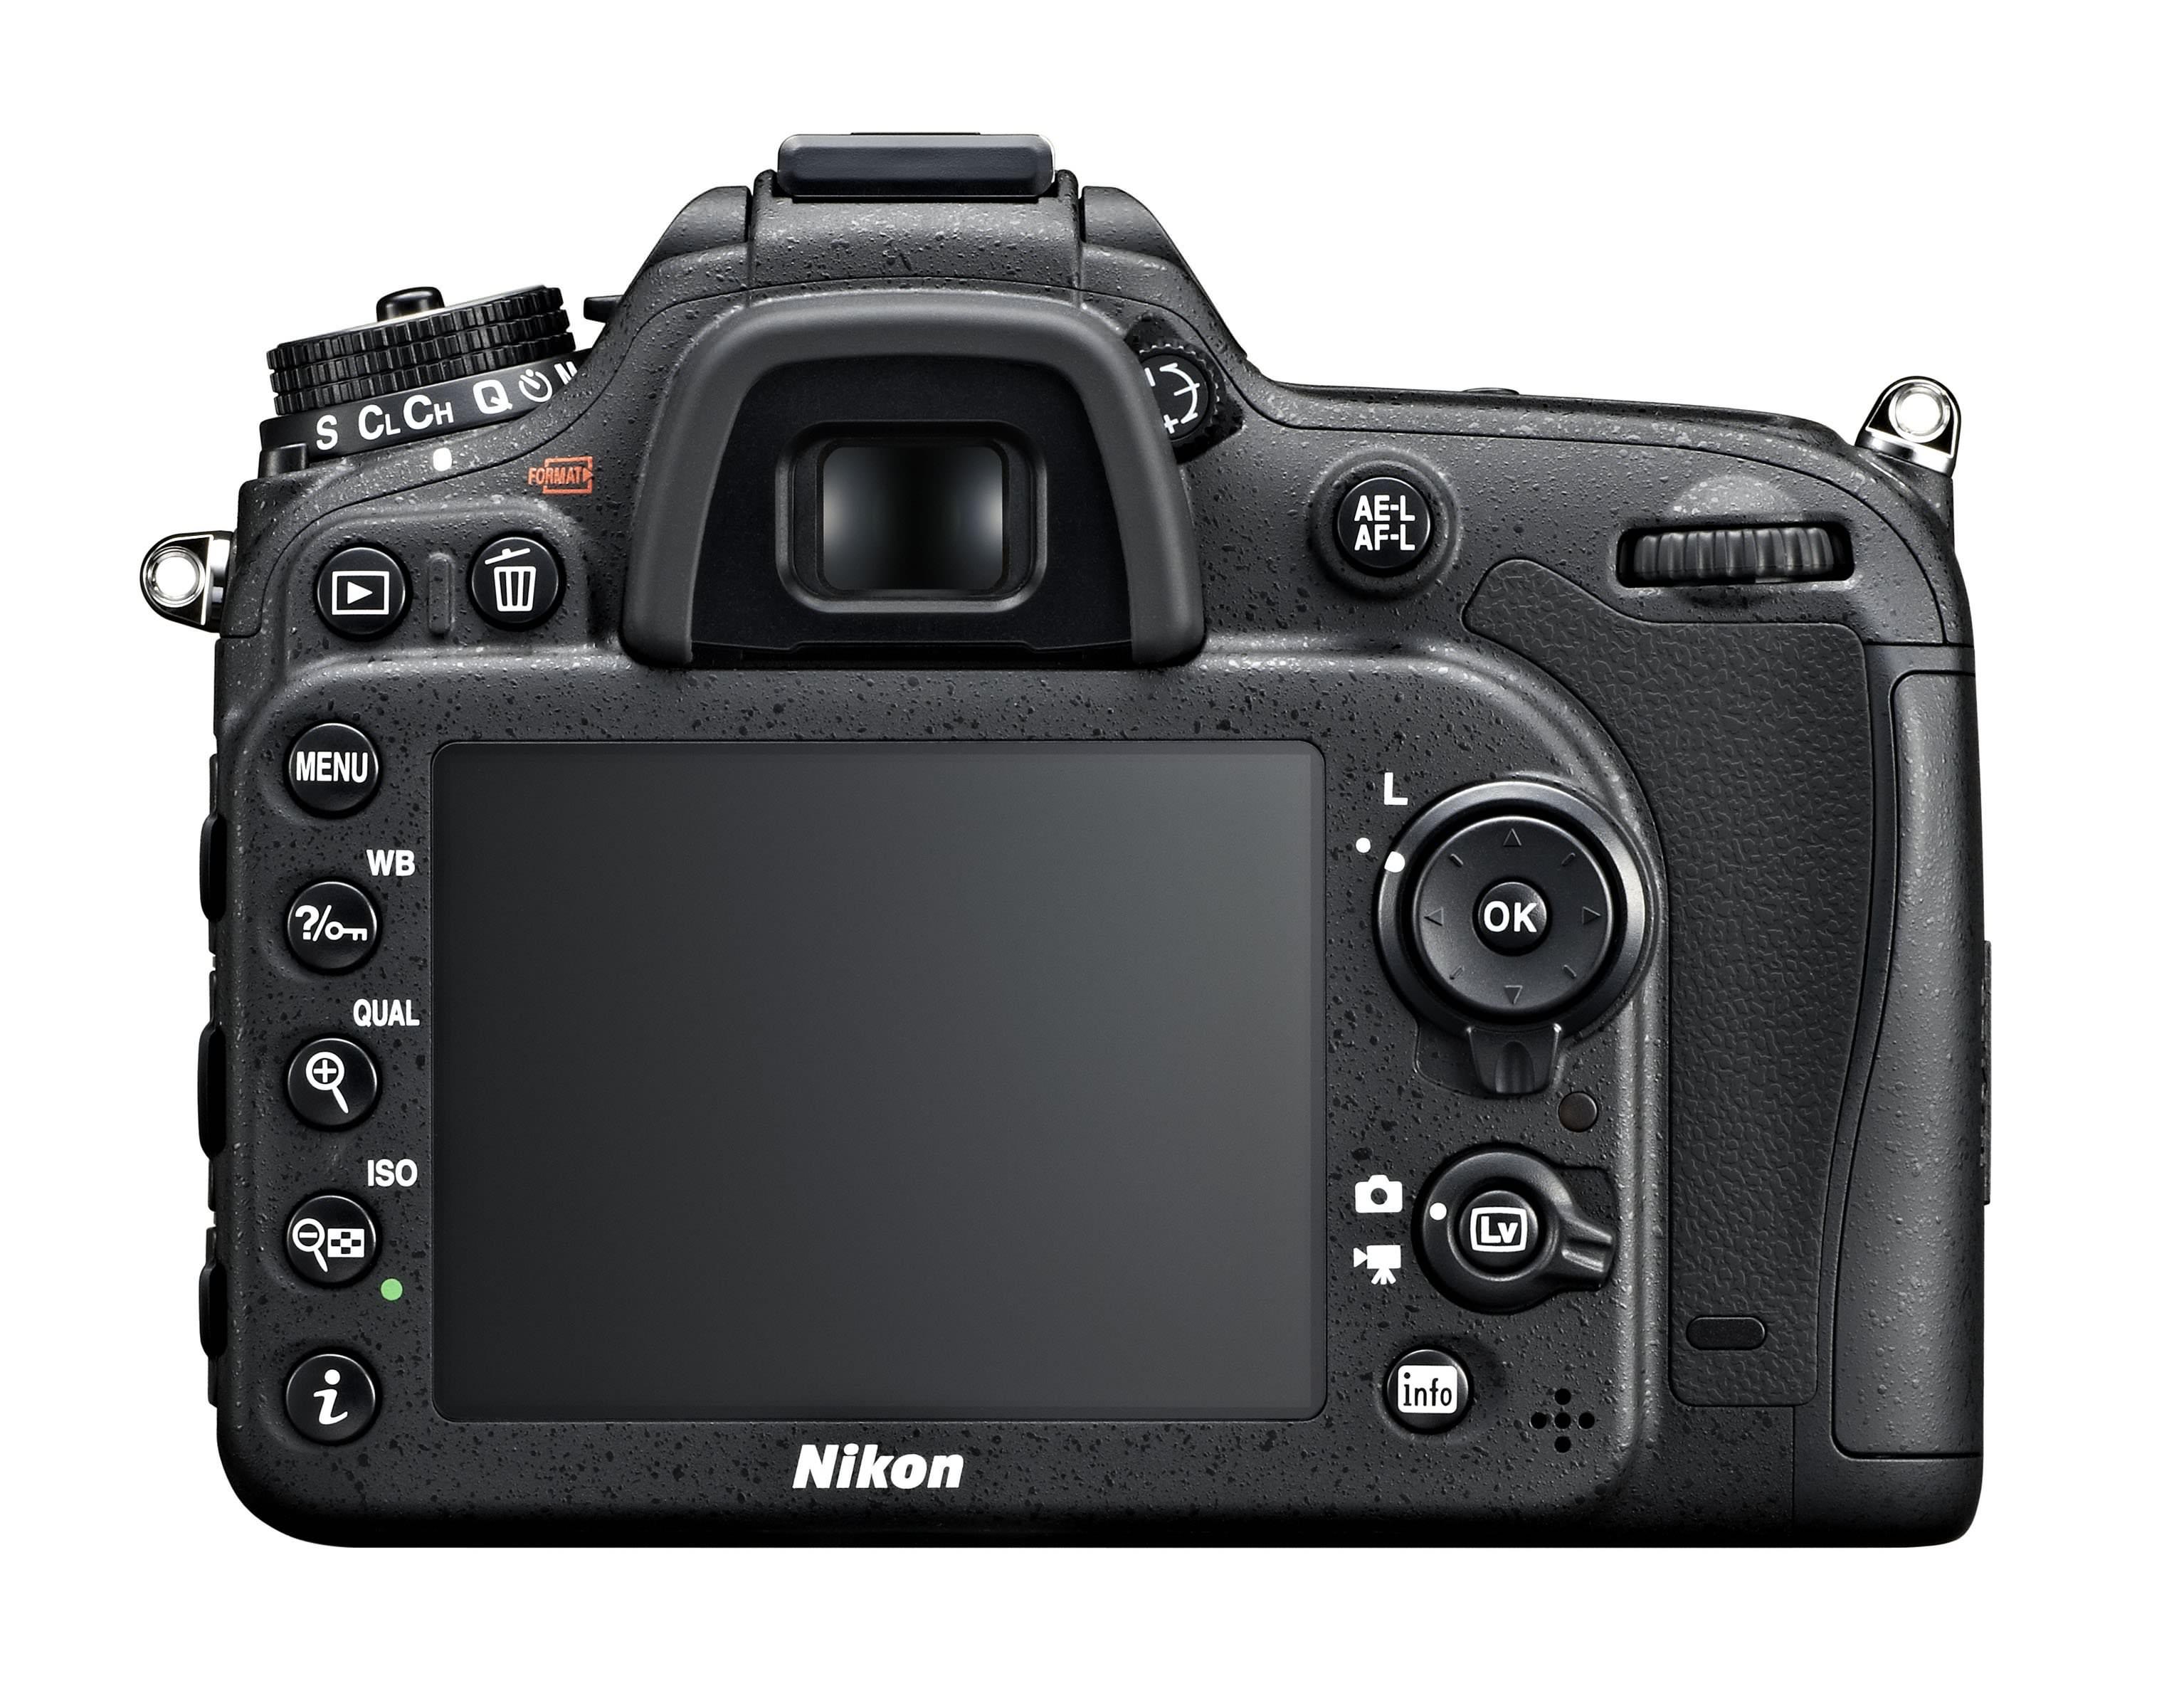 D7100 back.high image